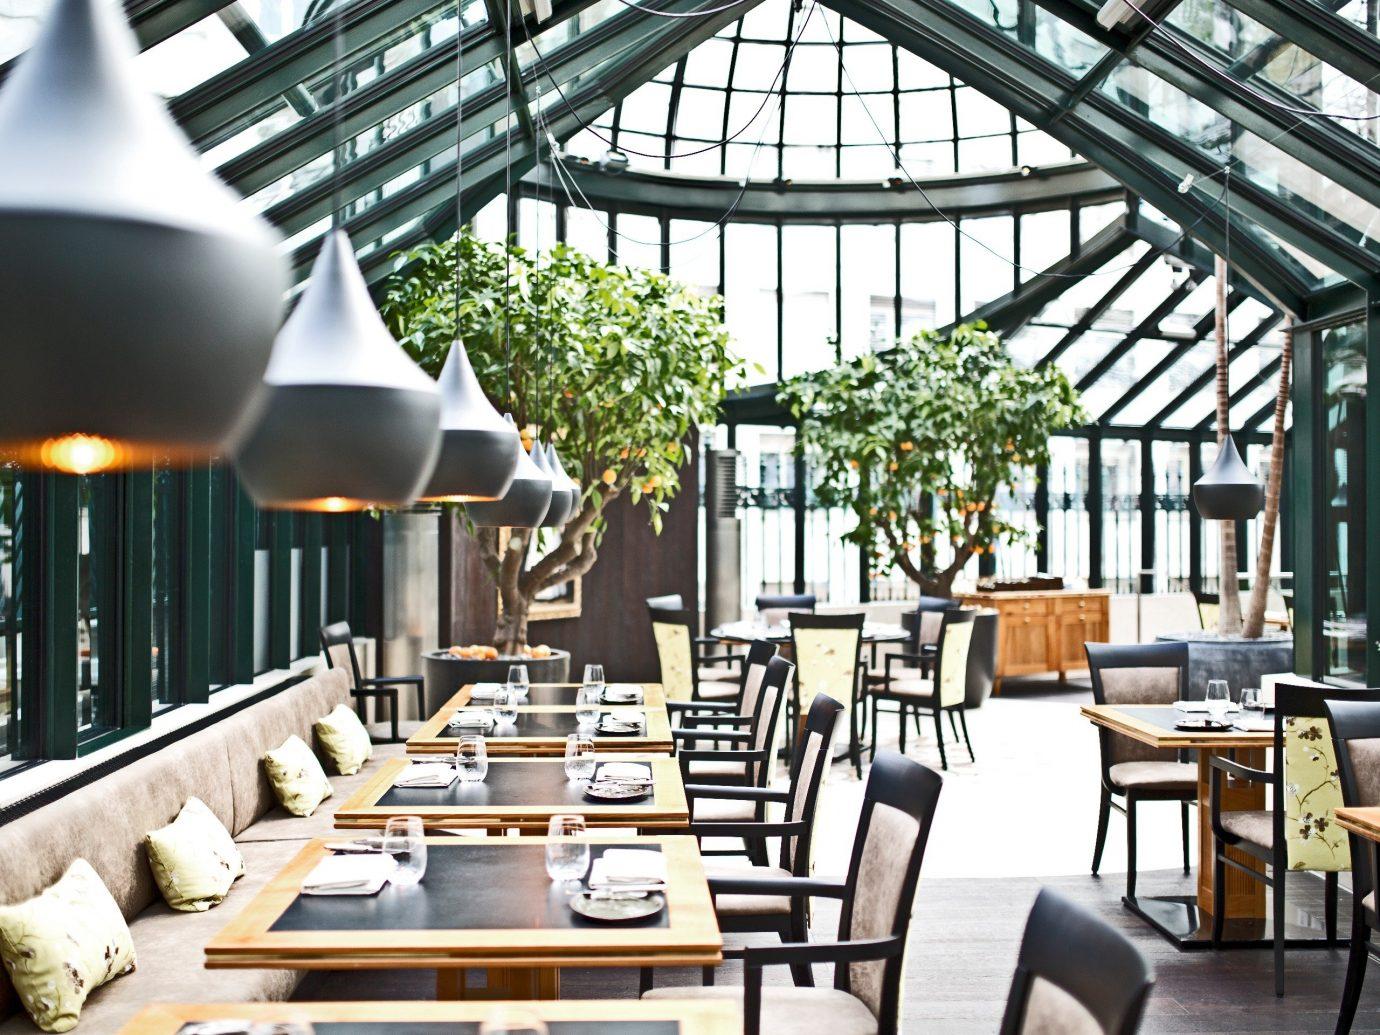 Austria europe Hotels Vienna restaurant interior design outdoor structure roof